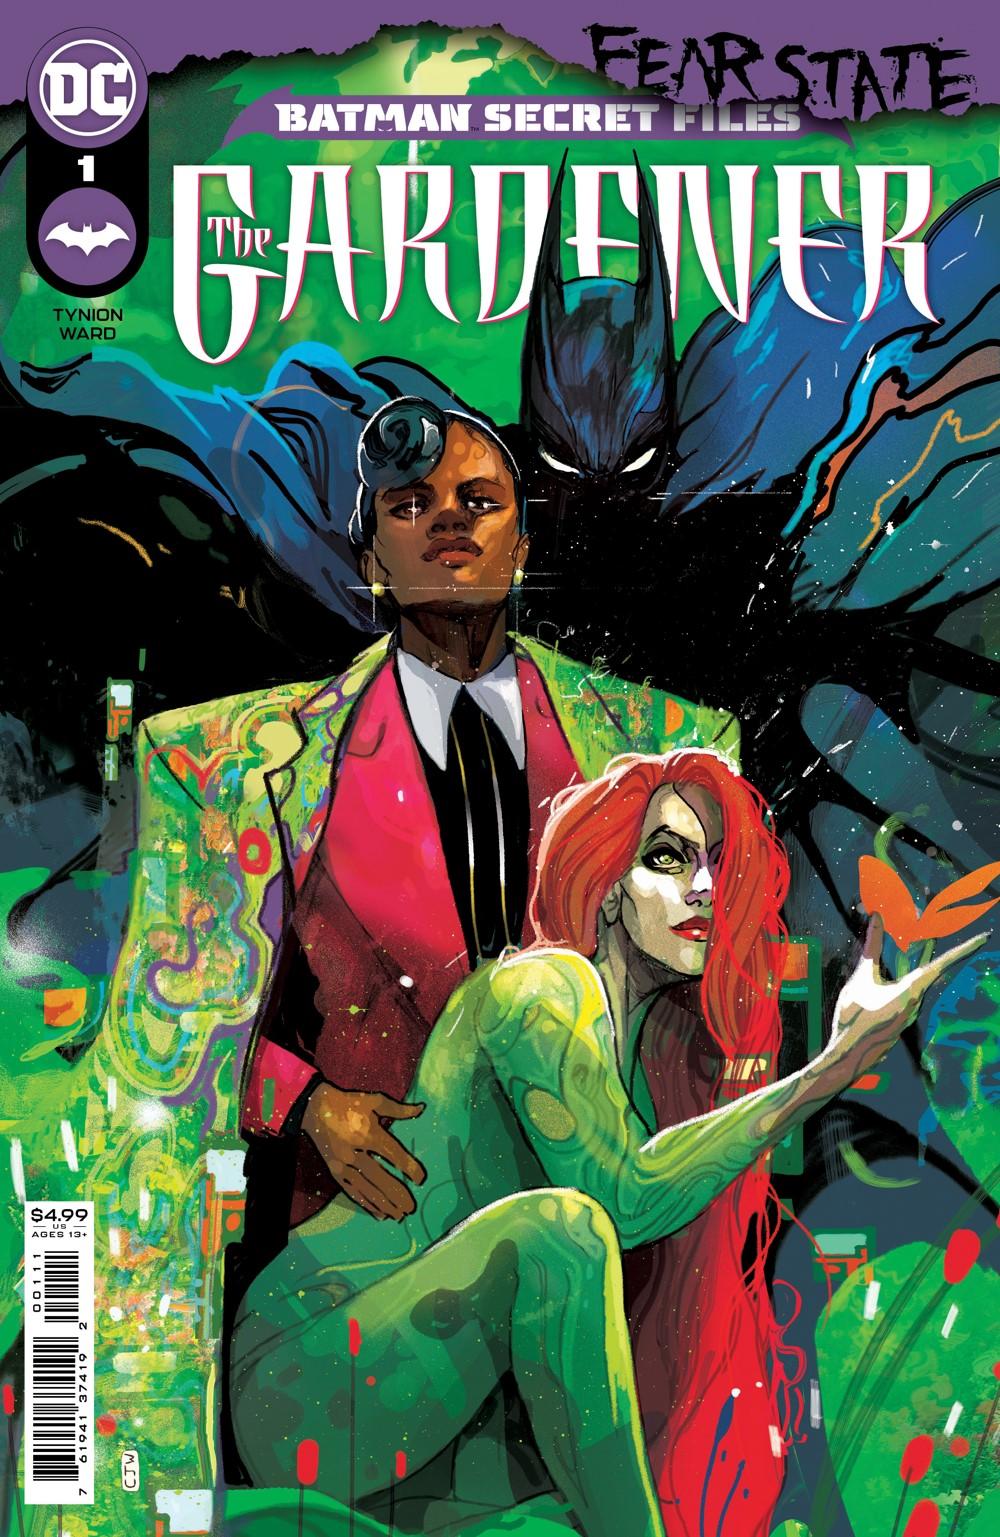 BMSF_GRDNR_Cv1 DC Comics November 2021 Solicitations